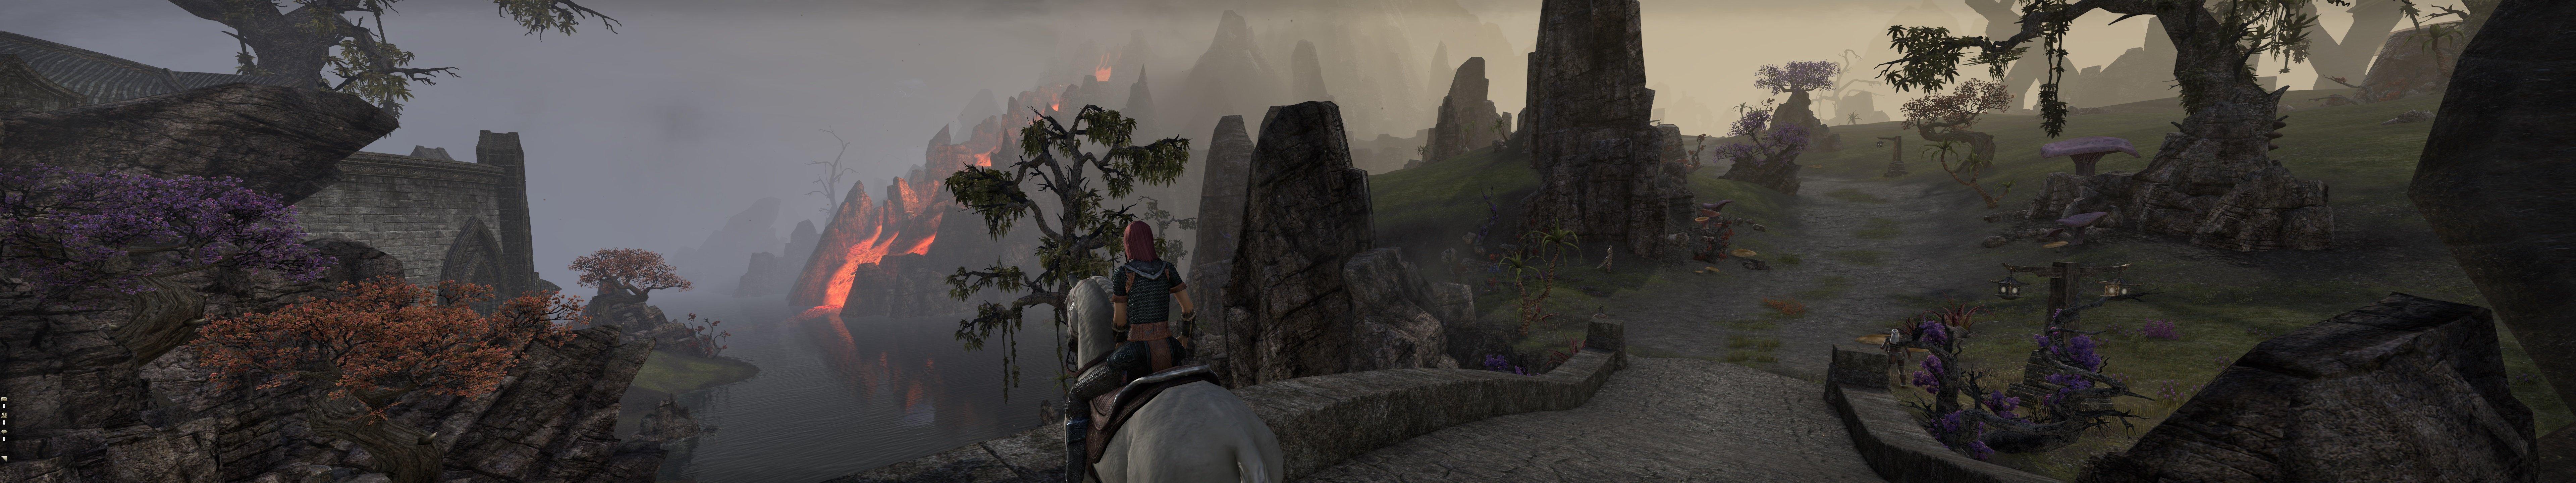 Пачка скриншотов из The Elder Scrolls Online на максимальных настройках в разрешении 7680x1440 - Изображение 9